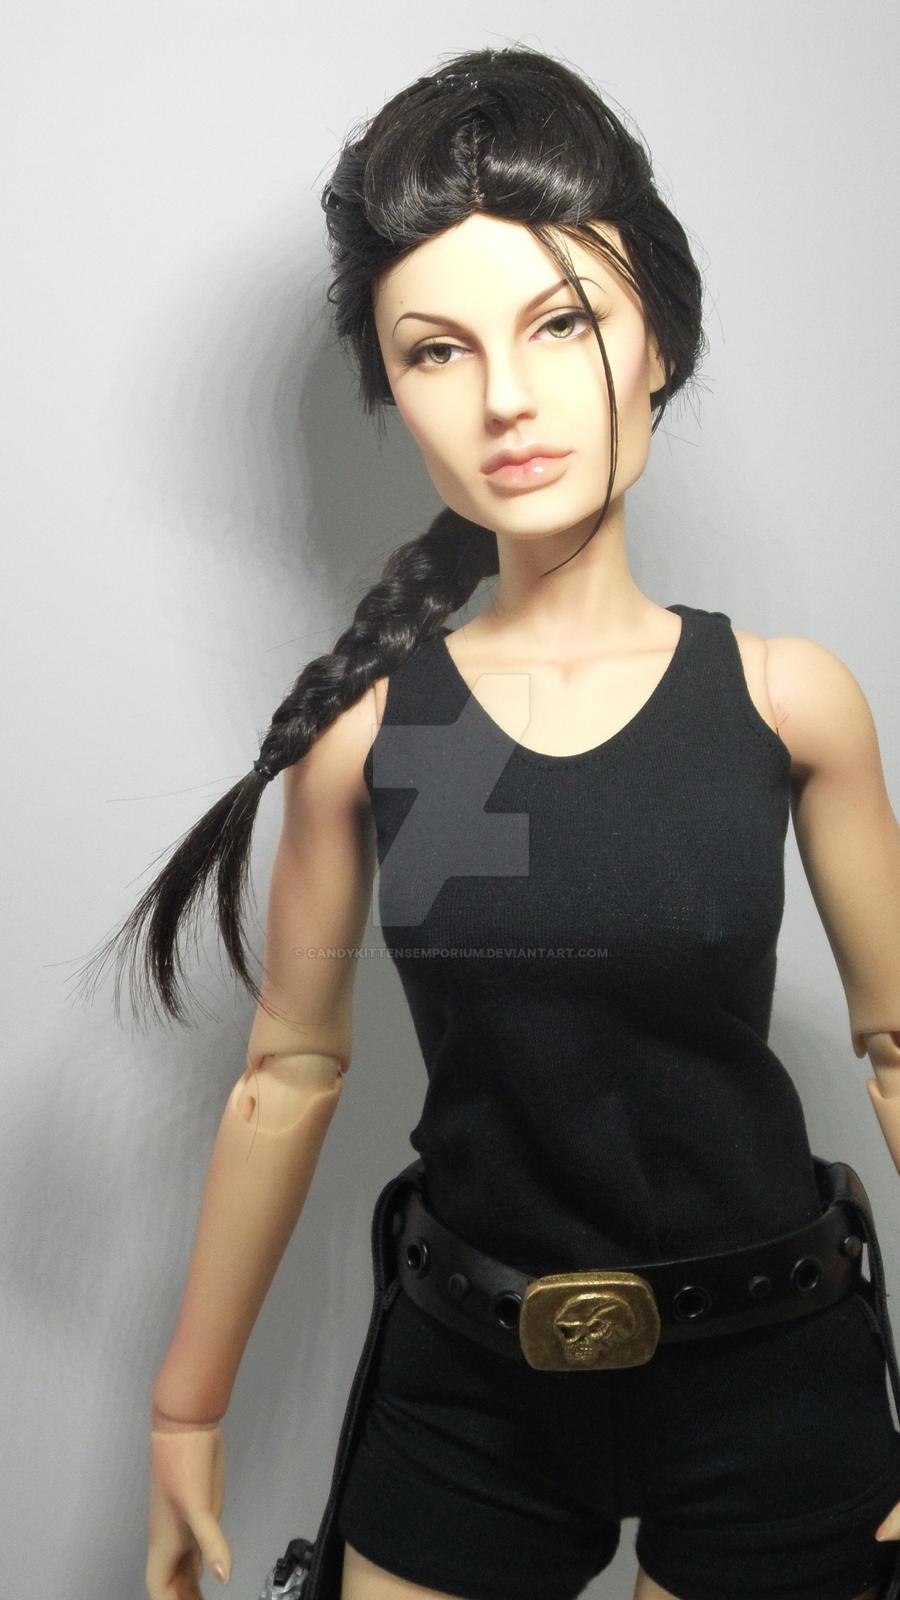 Lara Croft/Tomb Raider Movie Doll by CandyKittensEmporium